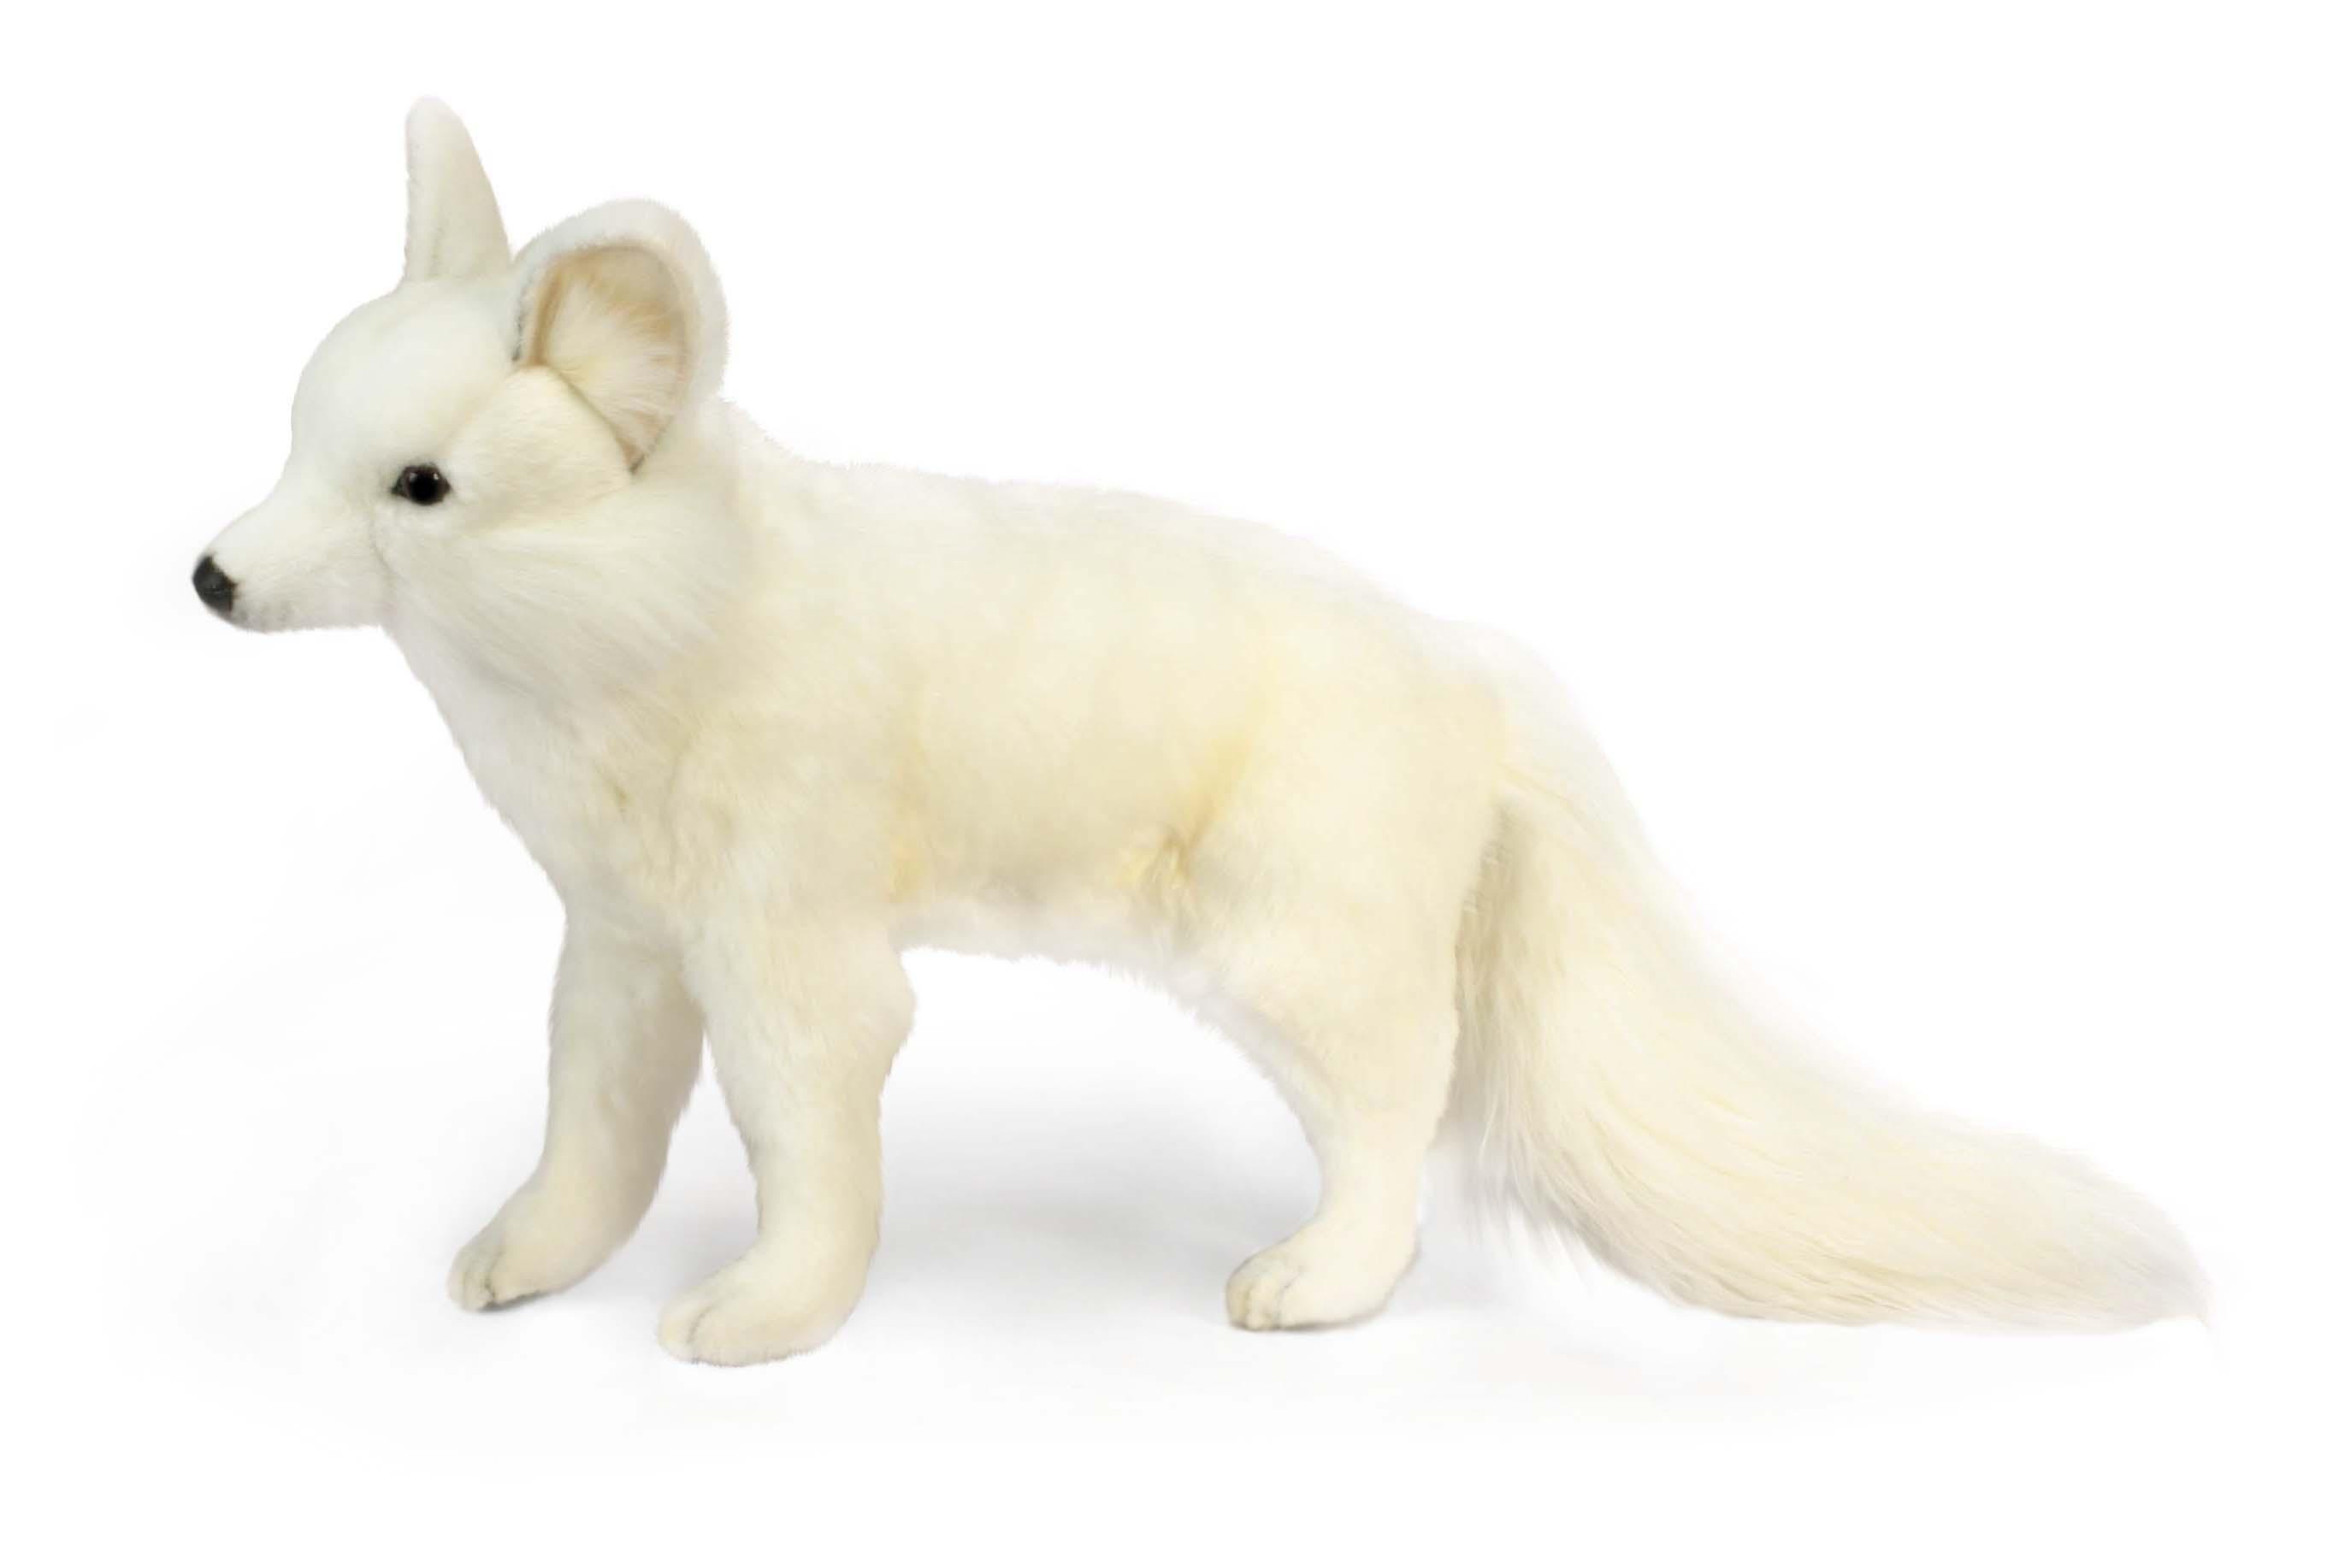 Лисица белая стоящая, 40 смДикие животные<br>Лисица белая стоящая, 40 см<br>